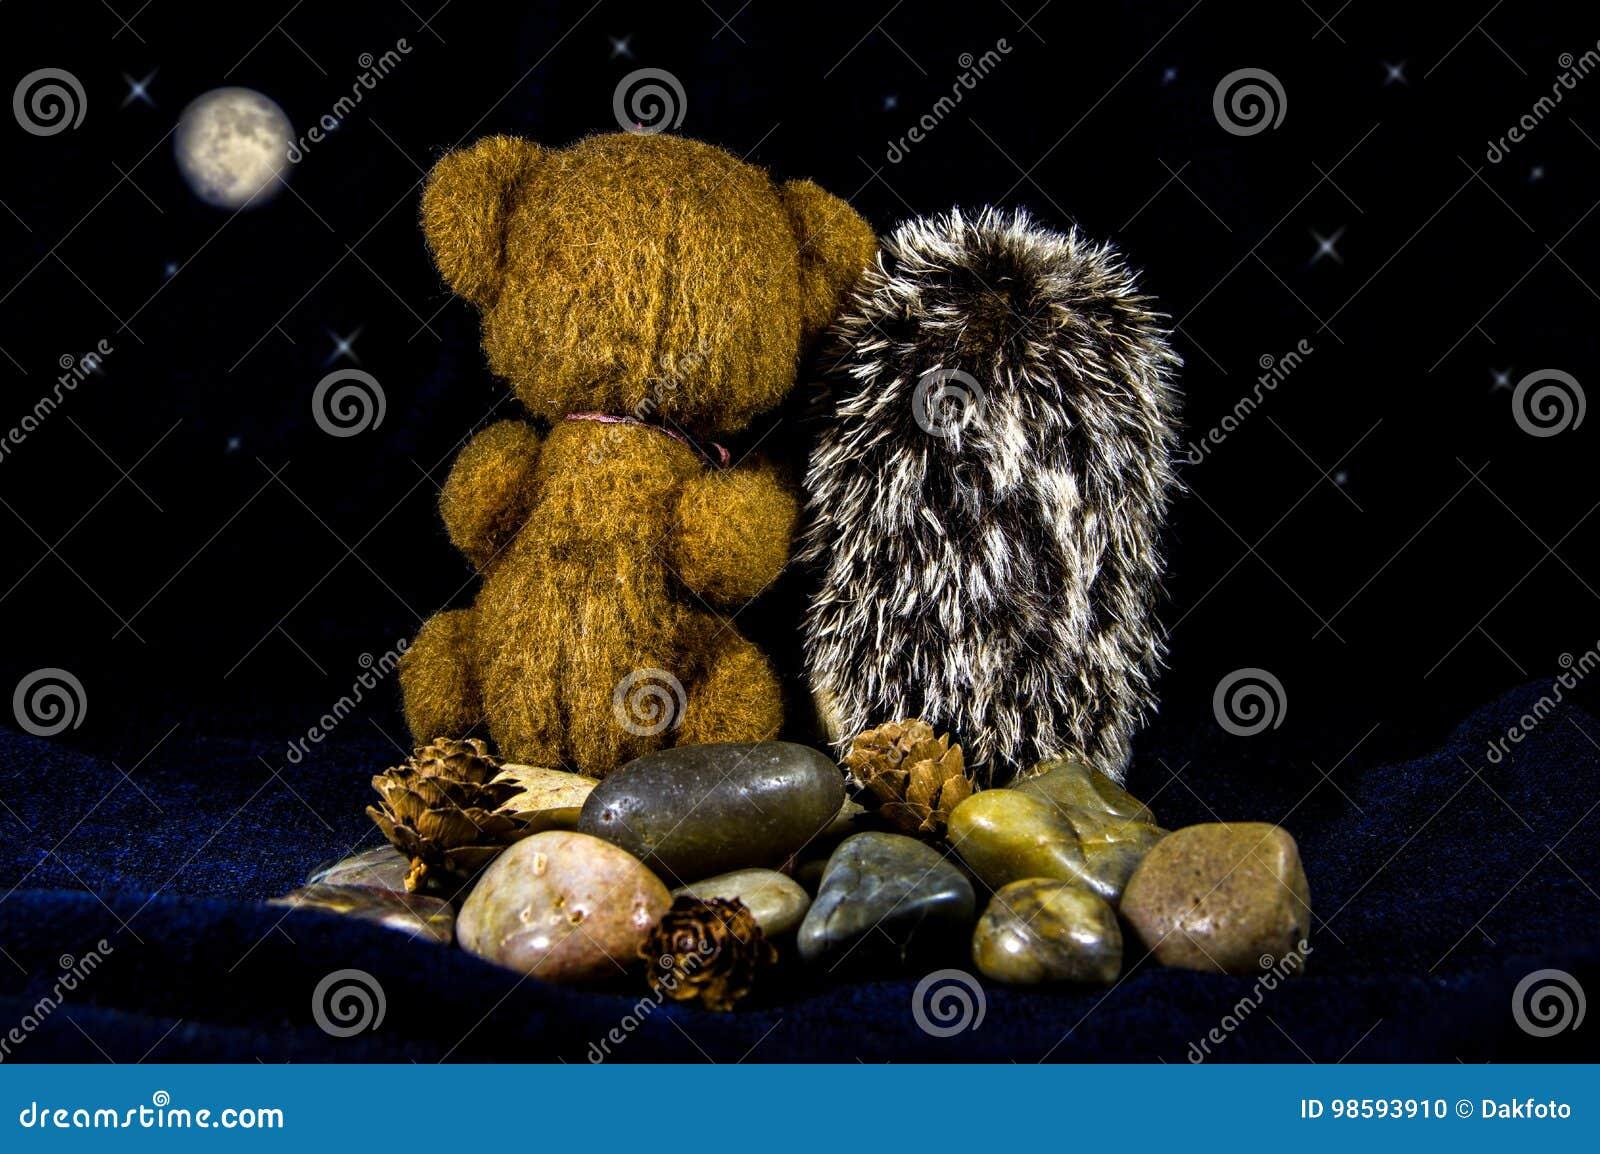 Картинки с котами персидскими его